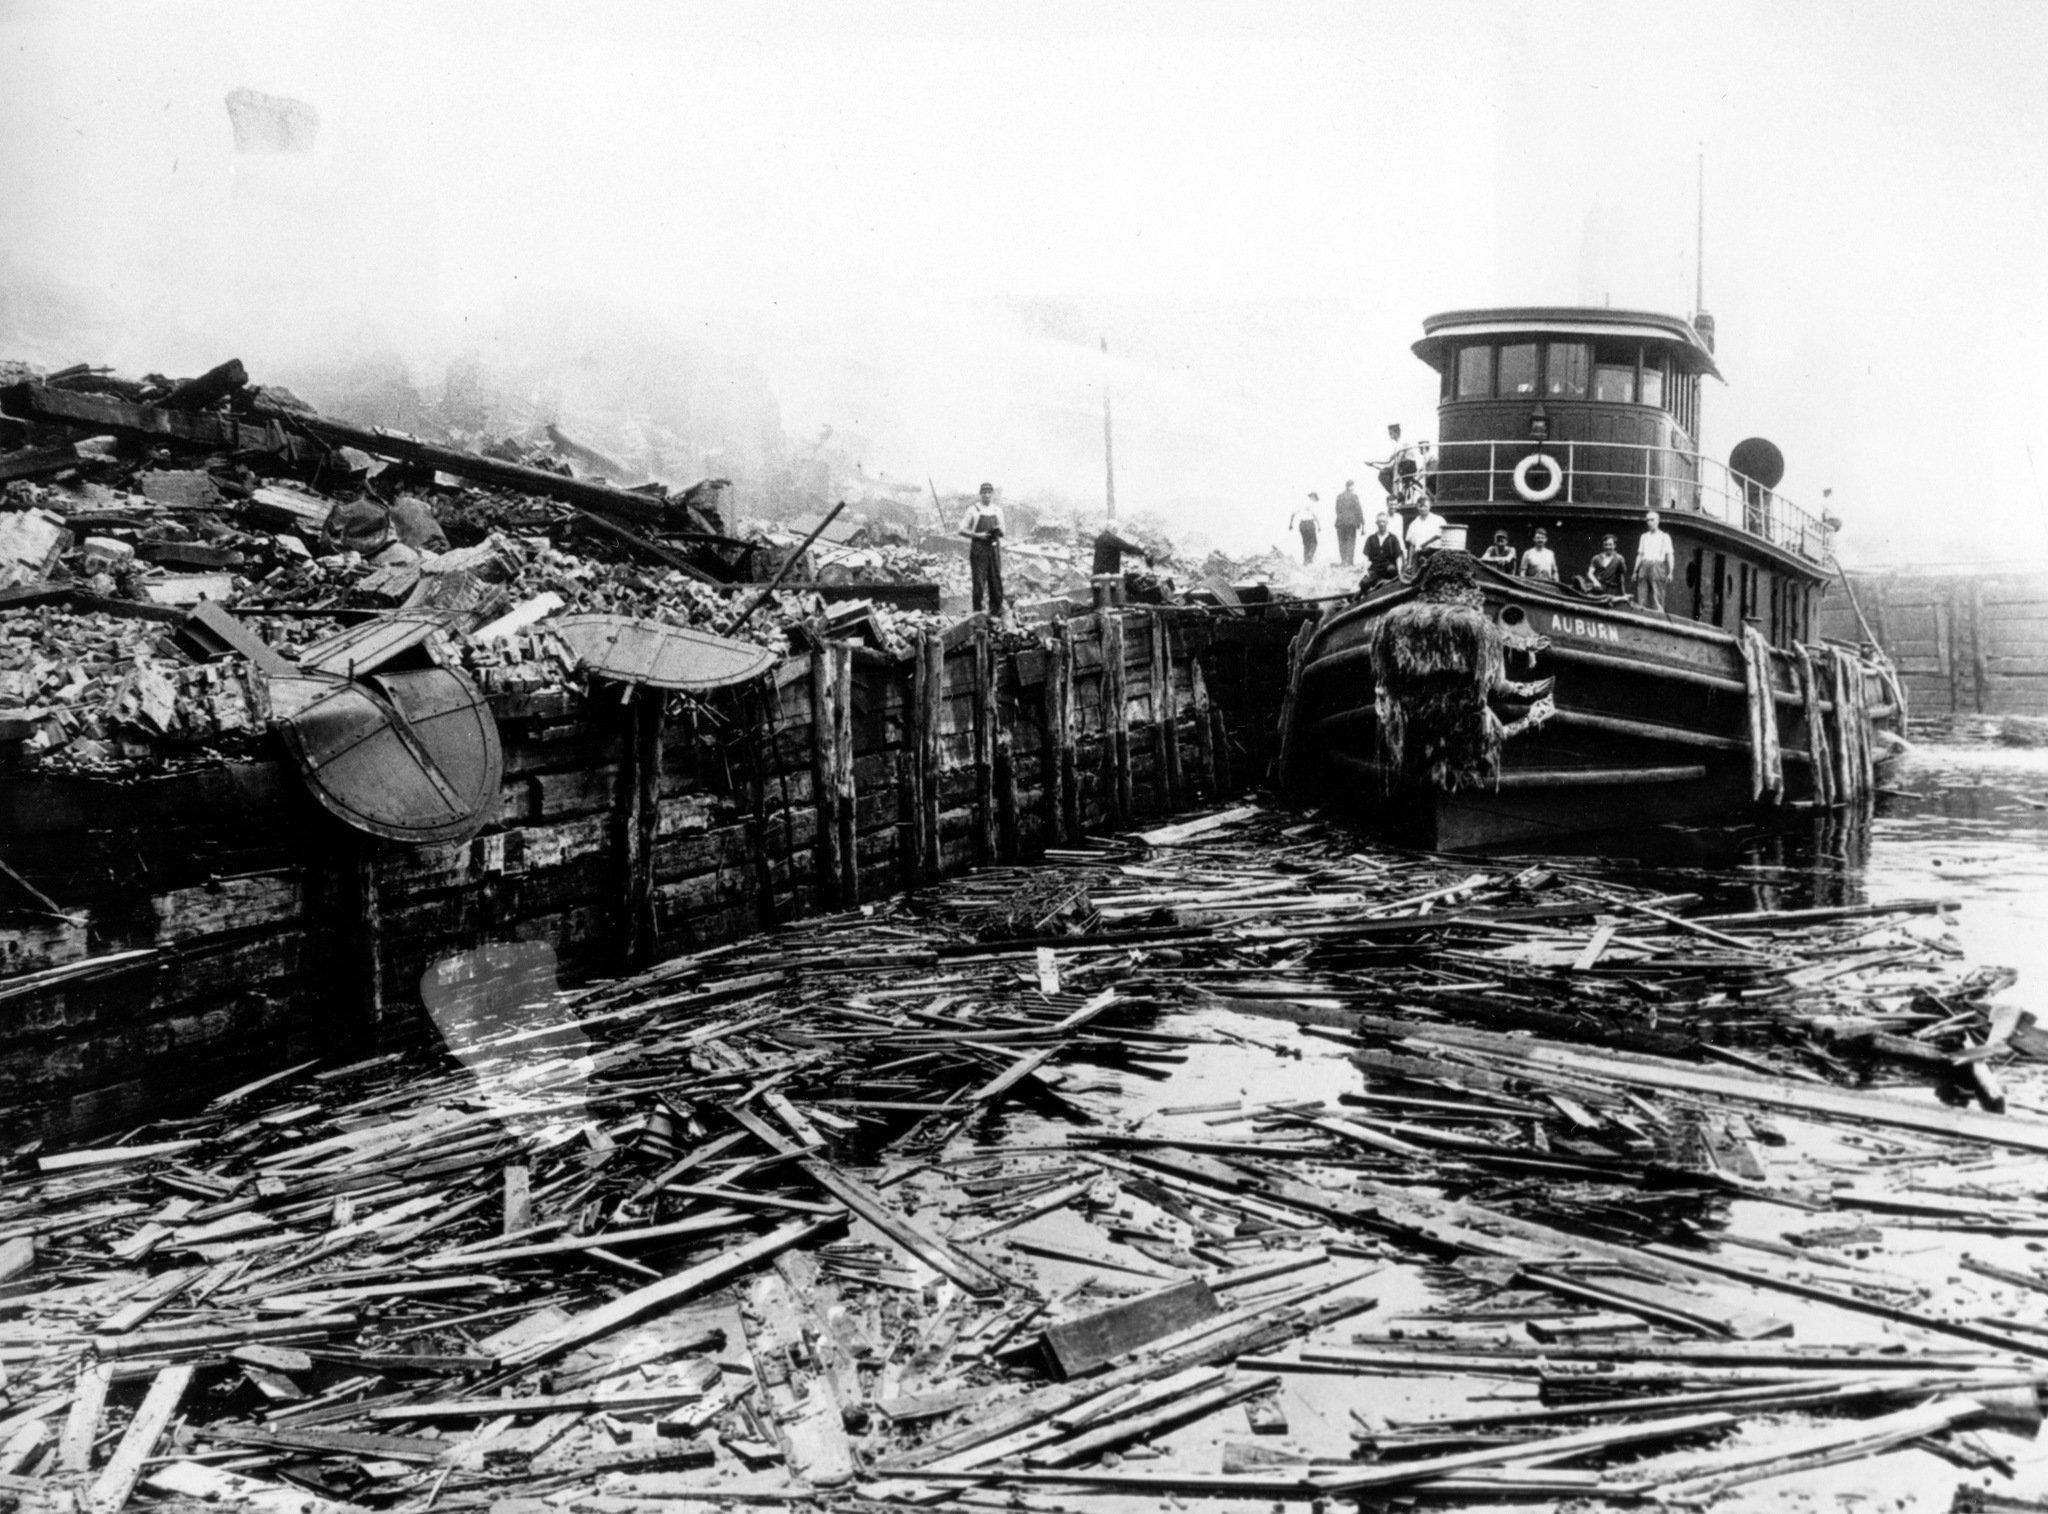 Barco recogiendo escombros de la explosión de la Isla Black Tom